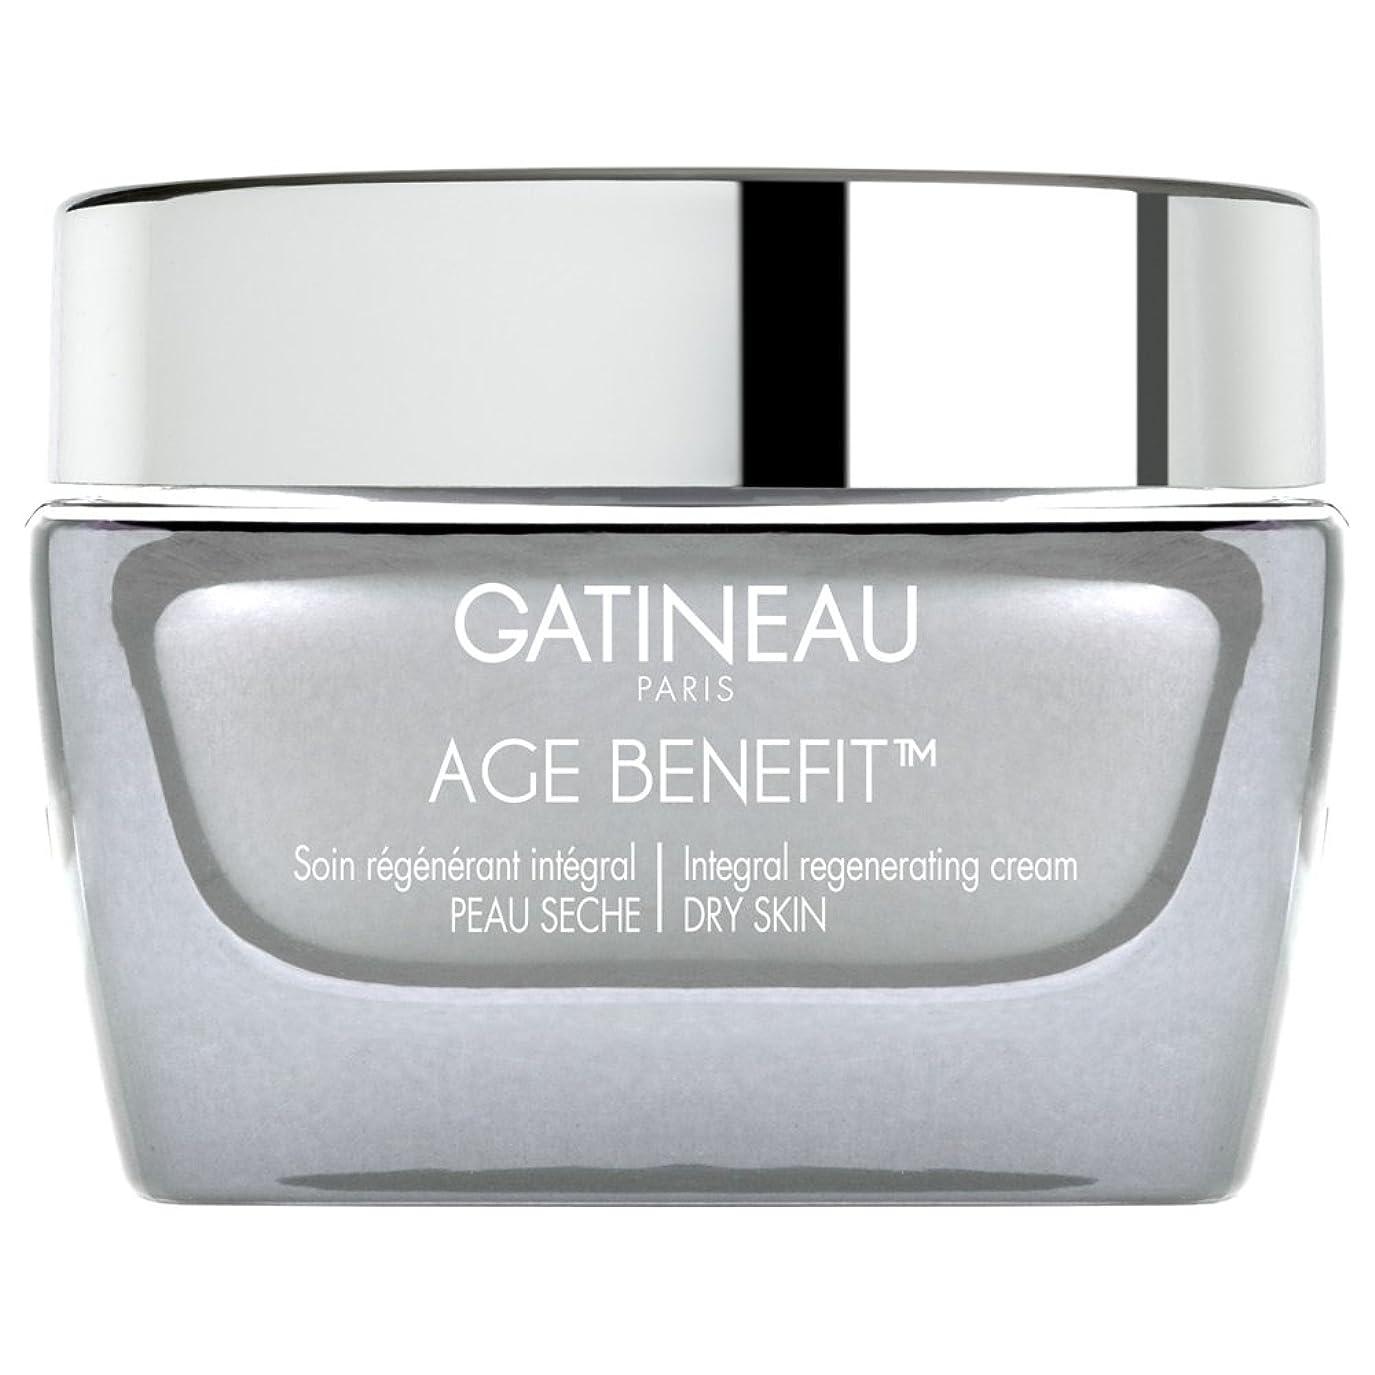 地域のメンタリティリスガティノー年齢給付再生ドライスキンクリーム、50ミリリットル (Gatineau) (x2) - Gatineau Age Benefit Regenerating Dry Skin Cream, 50ml (Pack of 2) [並行輸入品]